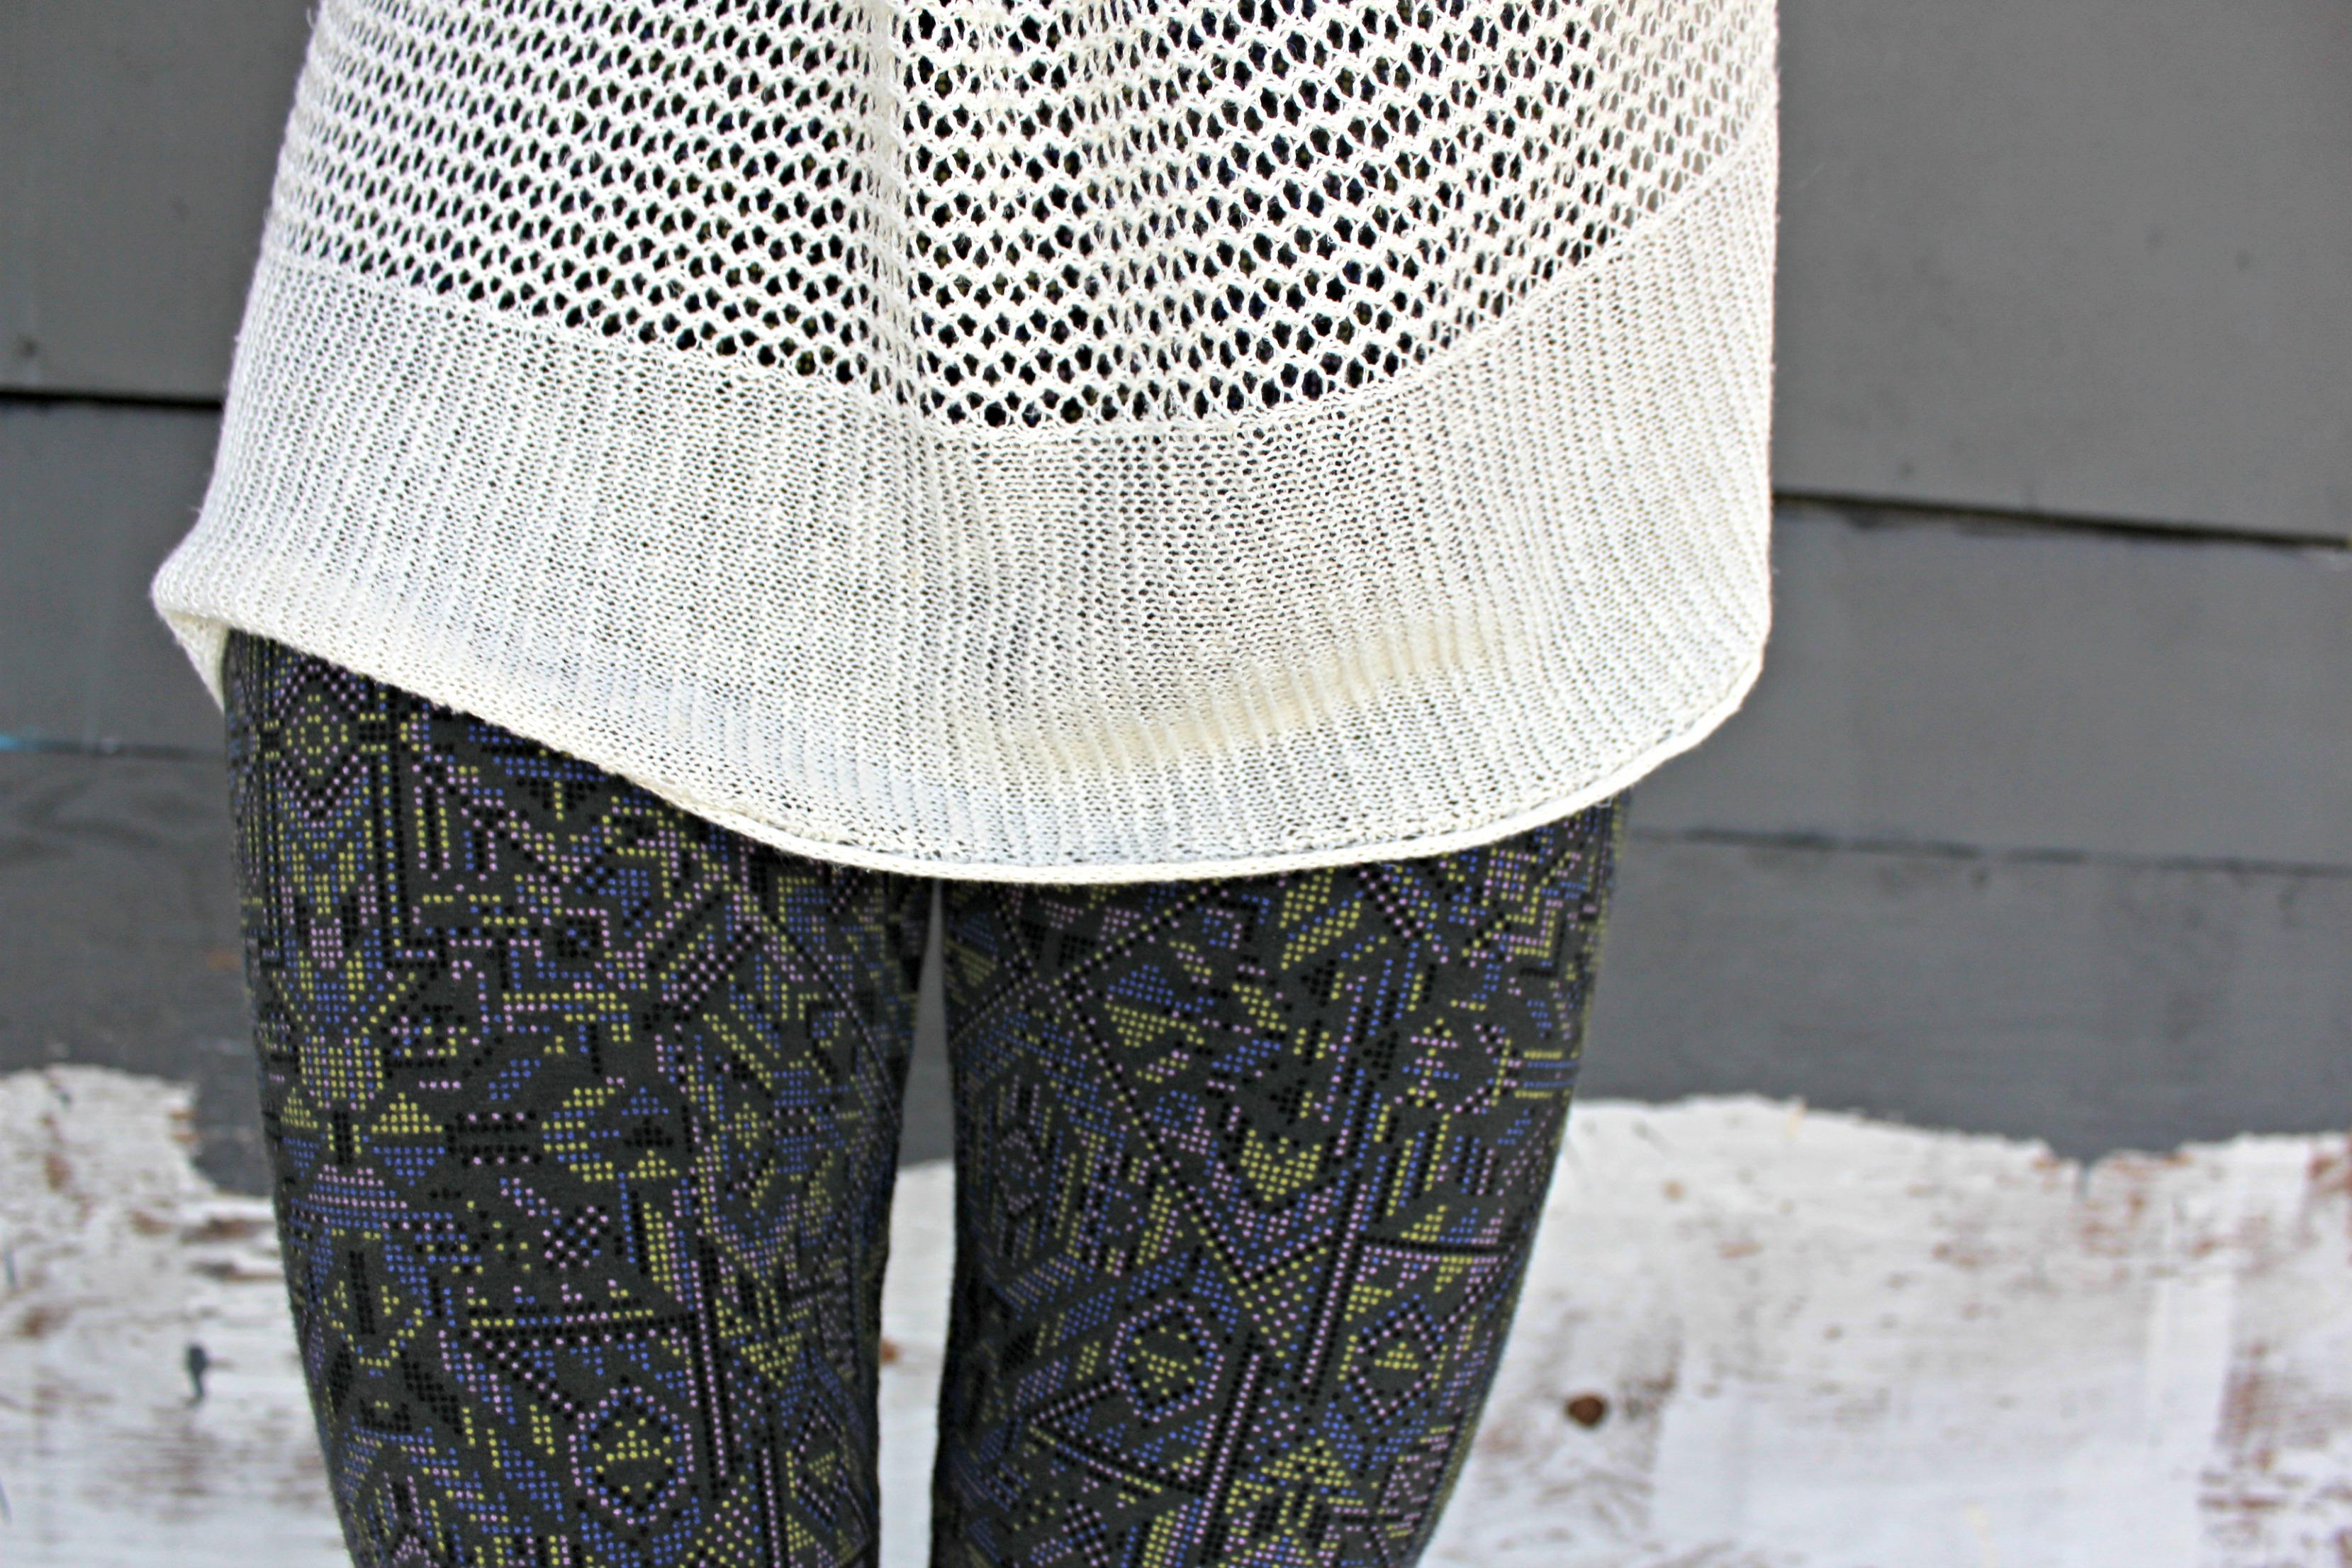 prAna - Conscious Clothing Review